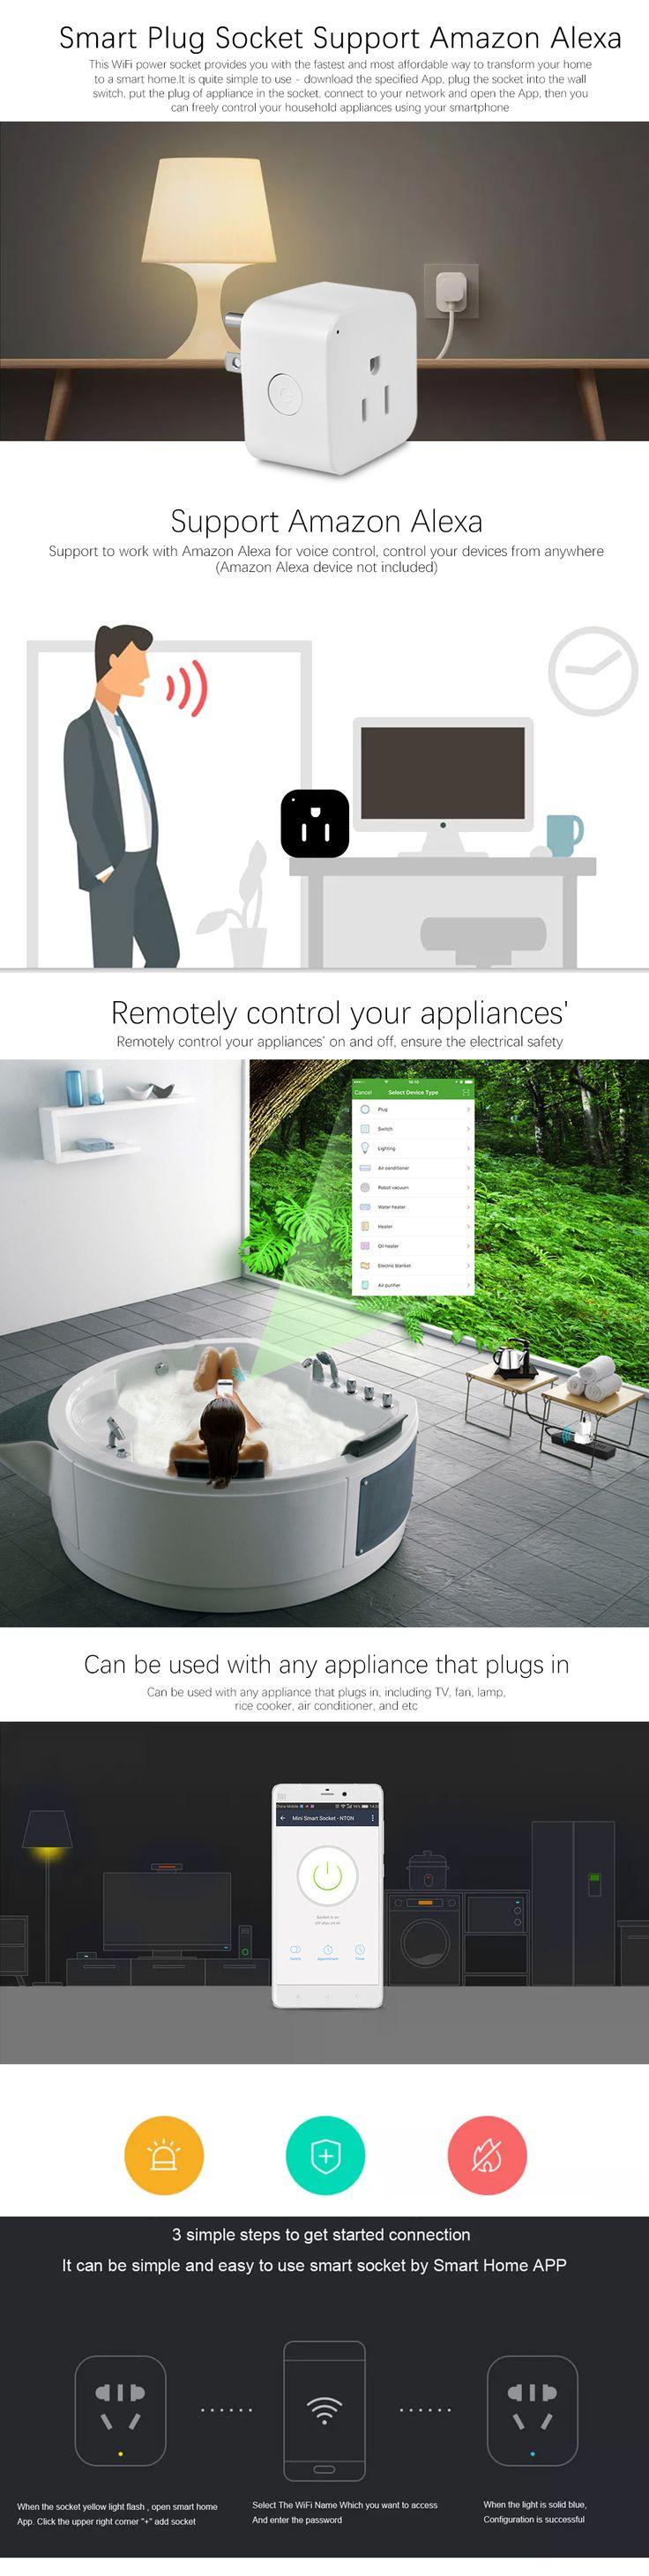 Smart Remote Control WiFi розетка Поддержка Amazon Alexa $ 11,99 Этот разъем питания WiFi предоставляет вам самый быстрый и доступный способ превратить ваш дом в умный дом. Он довольно прост в использовании - скачать указанное приложение, подключите разъем к настенному выключателю, положить вилку прибора в розетке, подключить к сети и открыть приложение, то вы можете свободно контролировать бытовую технику, используя свой смартфон.